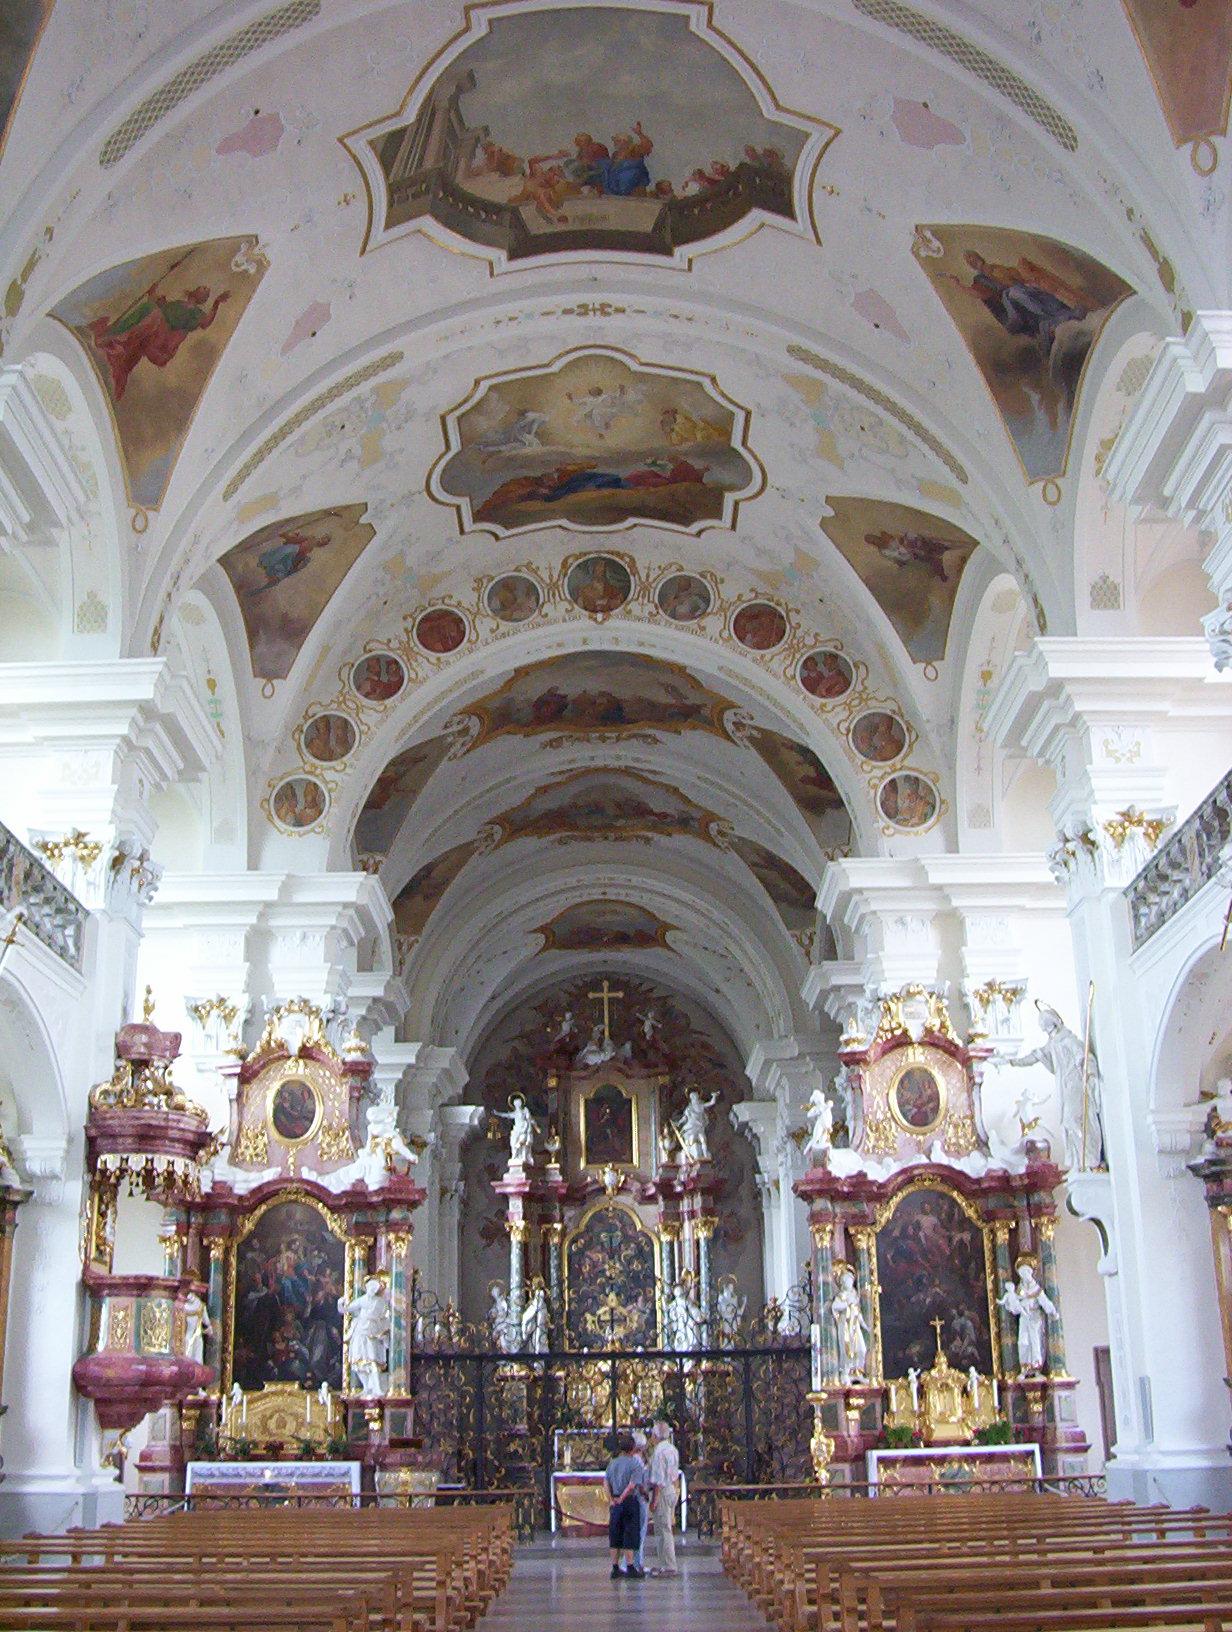 Upptck kyrkogrden runt Klosterkyrkan - Facebook